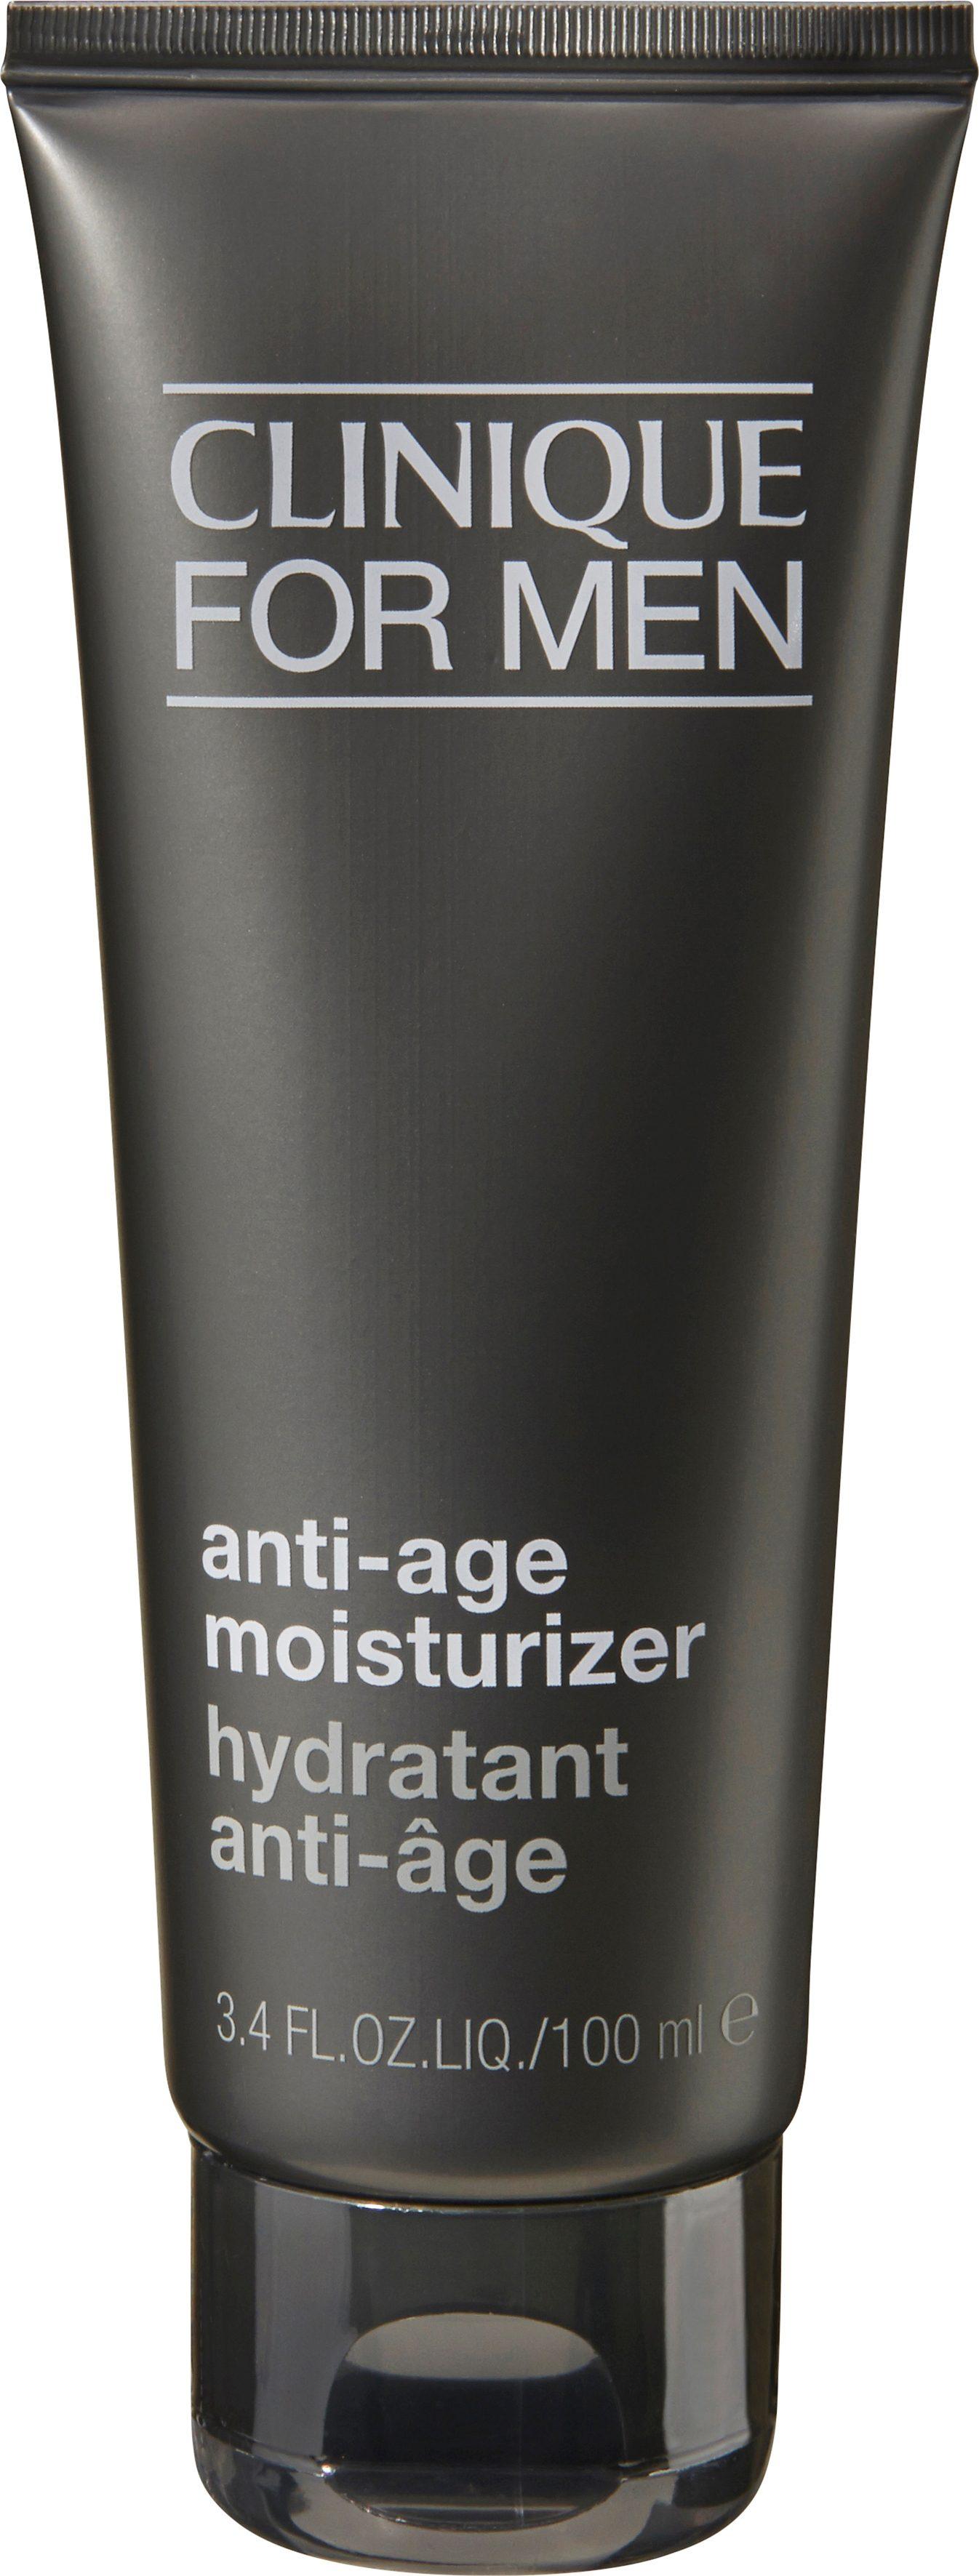 Clinique, »Anti-Age Moisturizer«, Anti-Aging Feuchtigkeitspflege